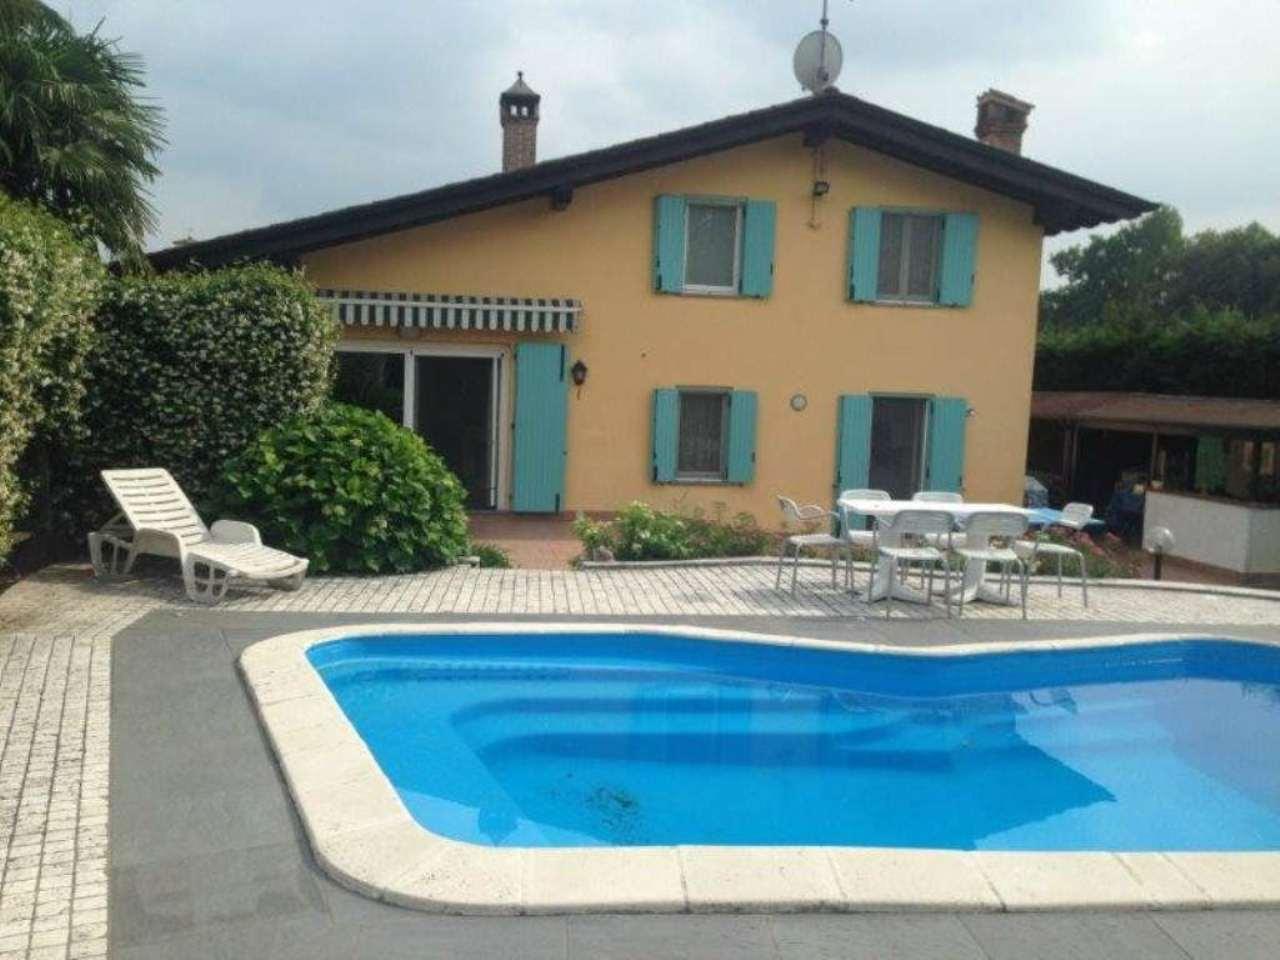 Villa in vendita a Pandino, 4 locali, prezzo € 420.000 | Cambio Casa.it